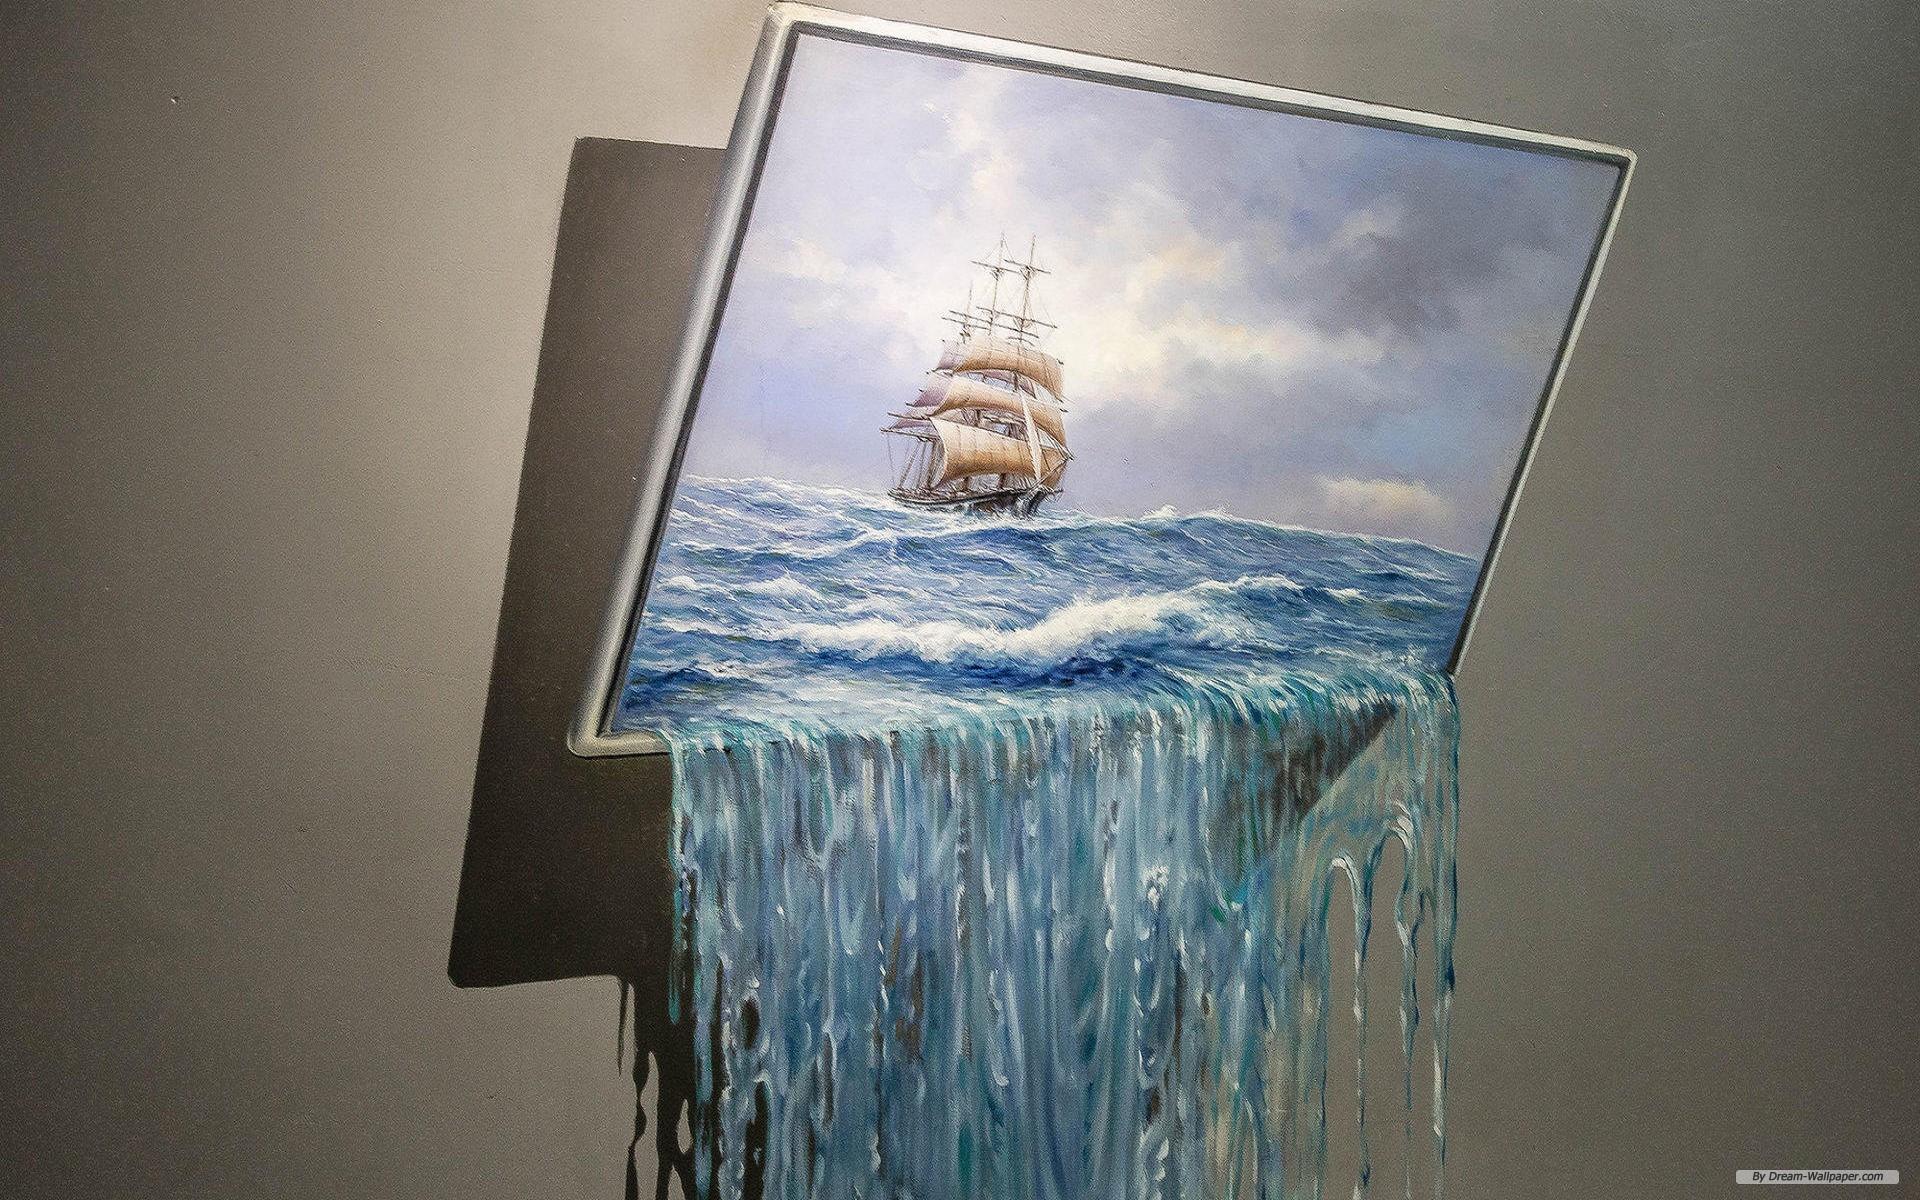 Free Art Wallpaper - Painting 3d Wallpaper Art - HD Wallpaper